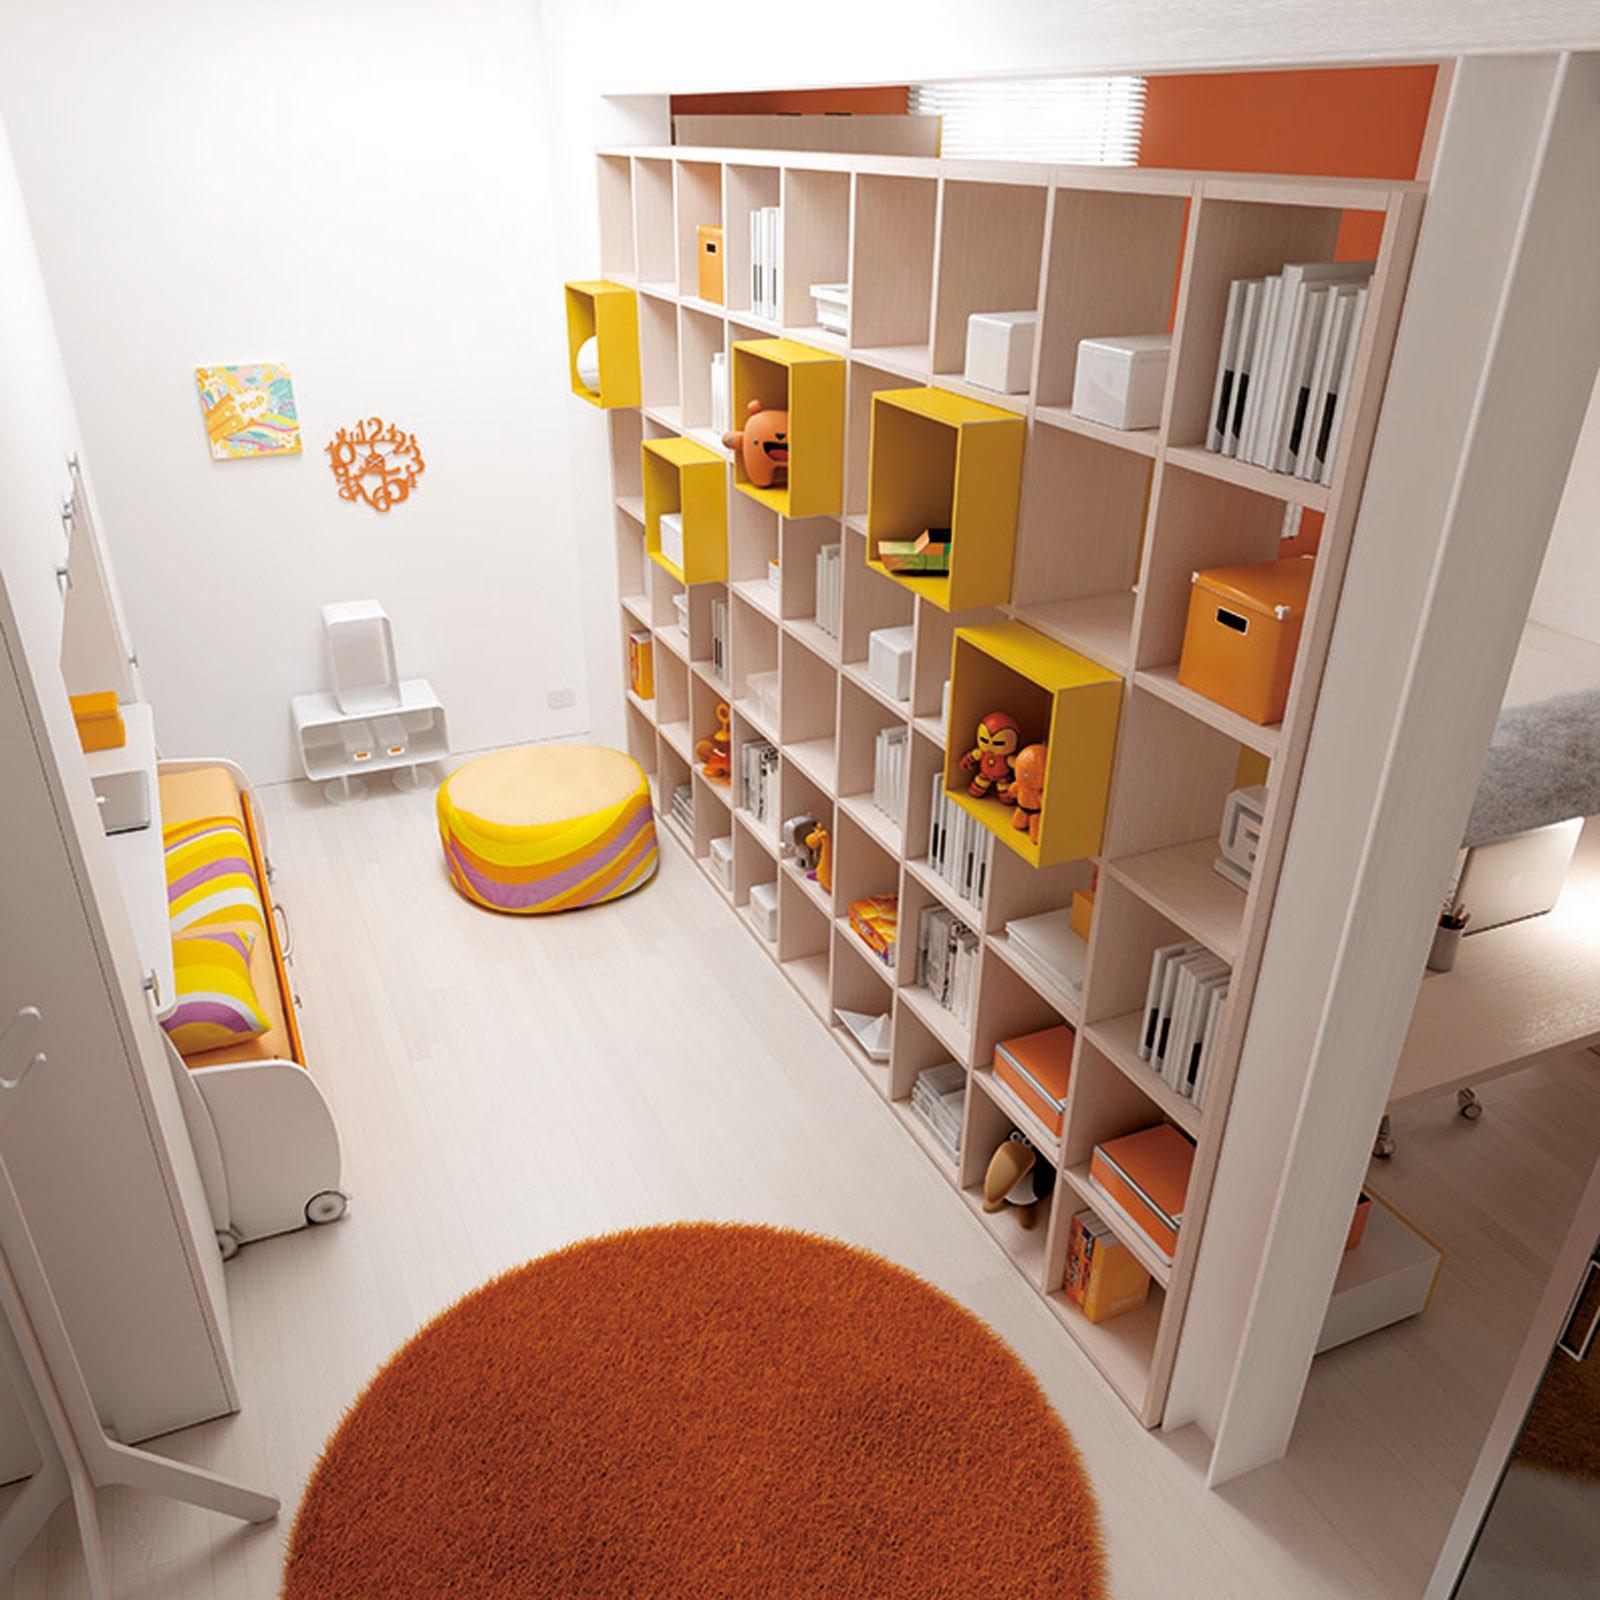 La libreria per dividere due stanze cose di casa - Divisione camera da letto ...